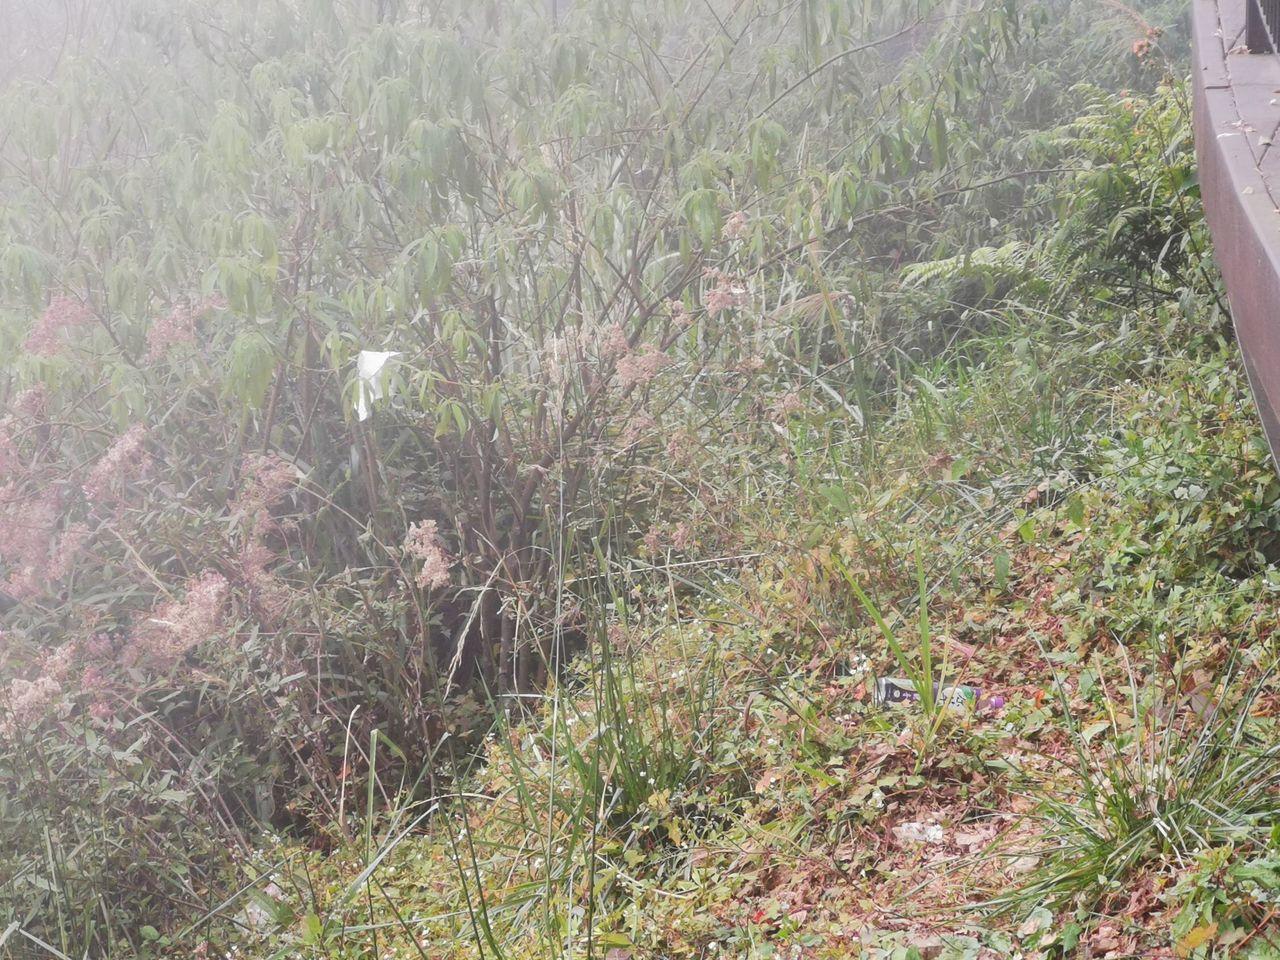 嘉義縣阿里山鄉台18線89.5公里觀景台於去年10月落成,因可看到日出及雲海,吸...